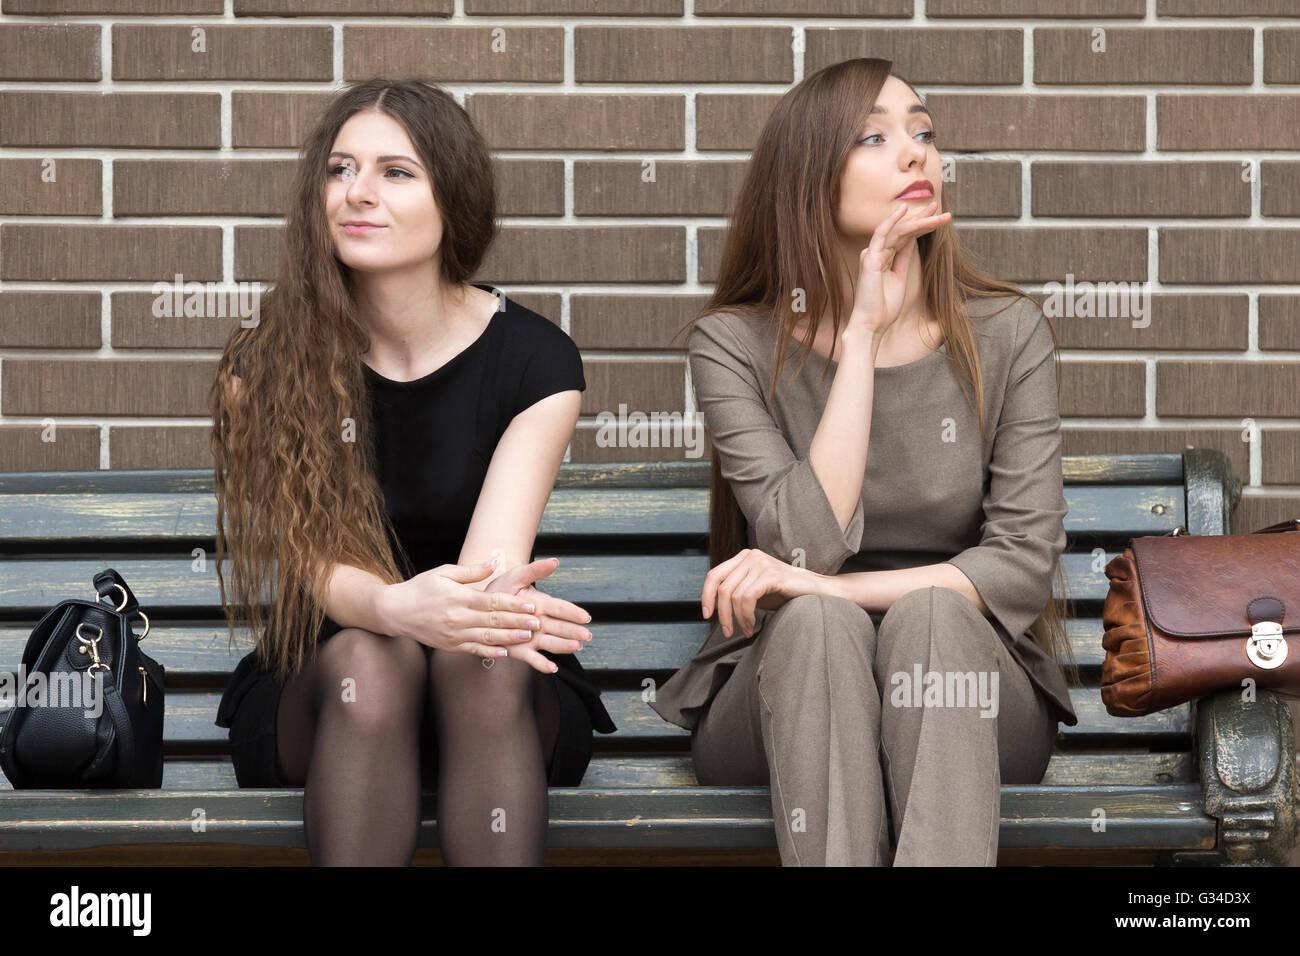 In voller Länge Portrait von zwei schöne junge weibliche Rivalen nebeneinander auf der Bank sitzen. Attraktive Stockbild